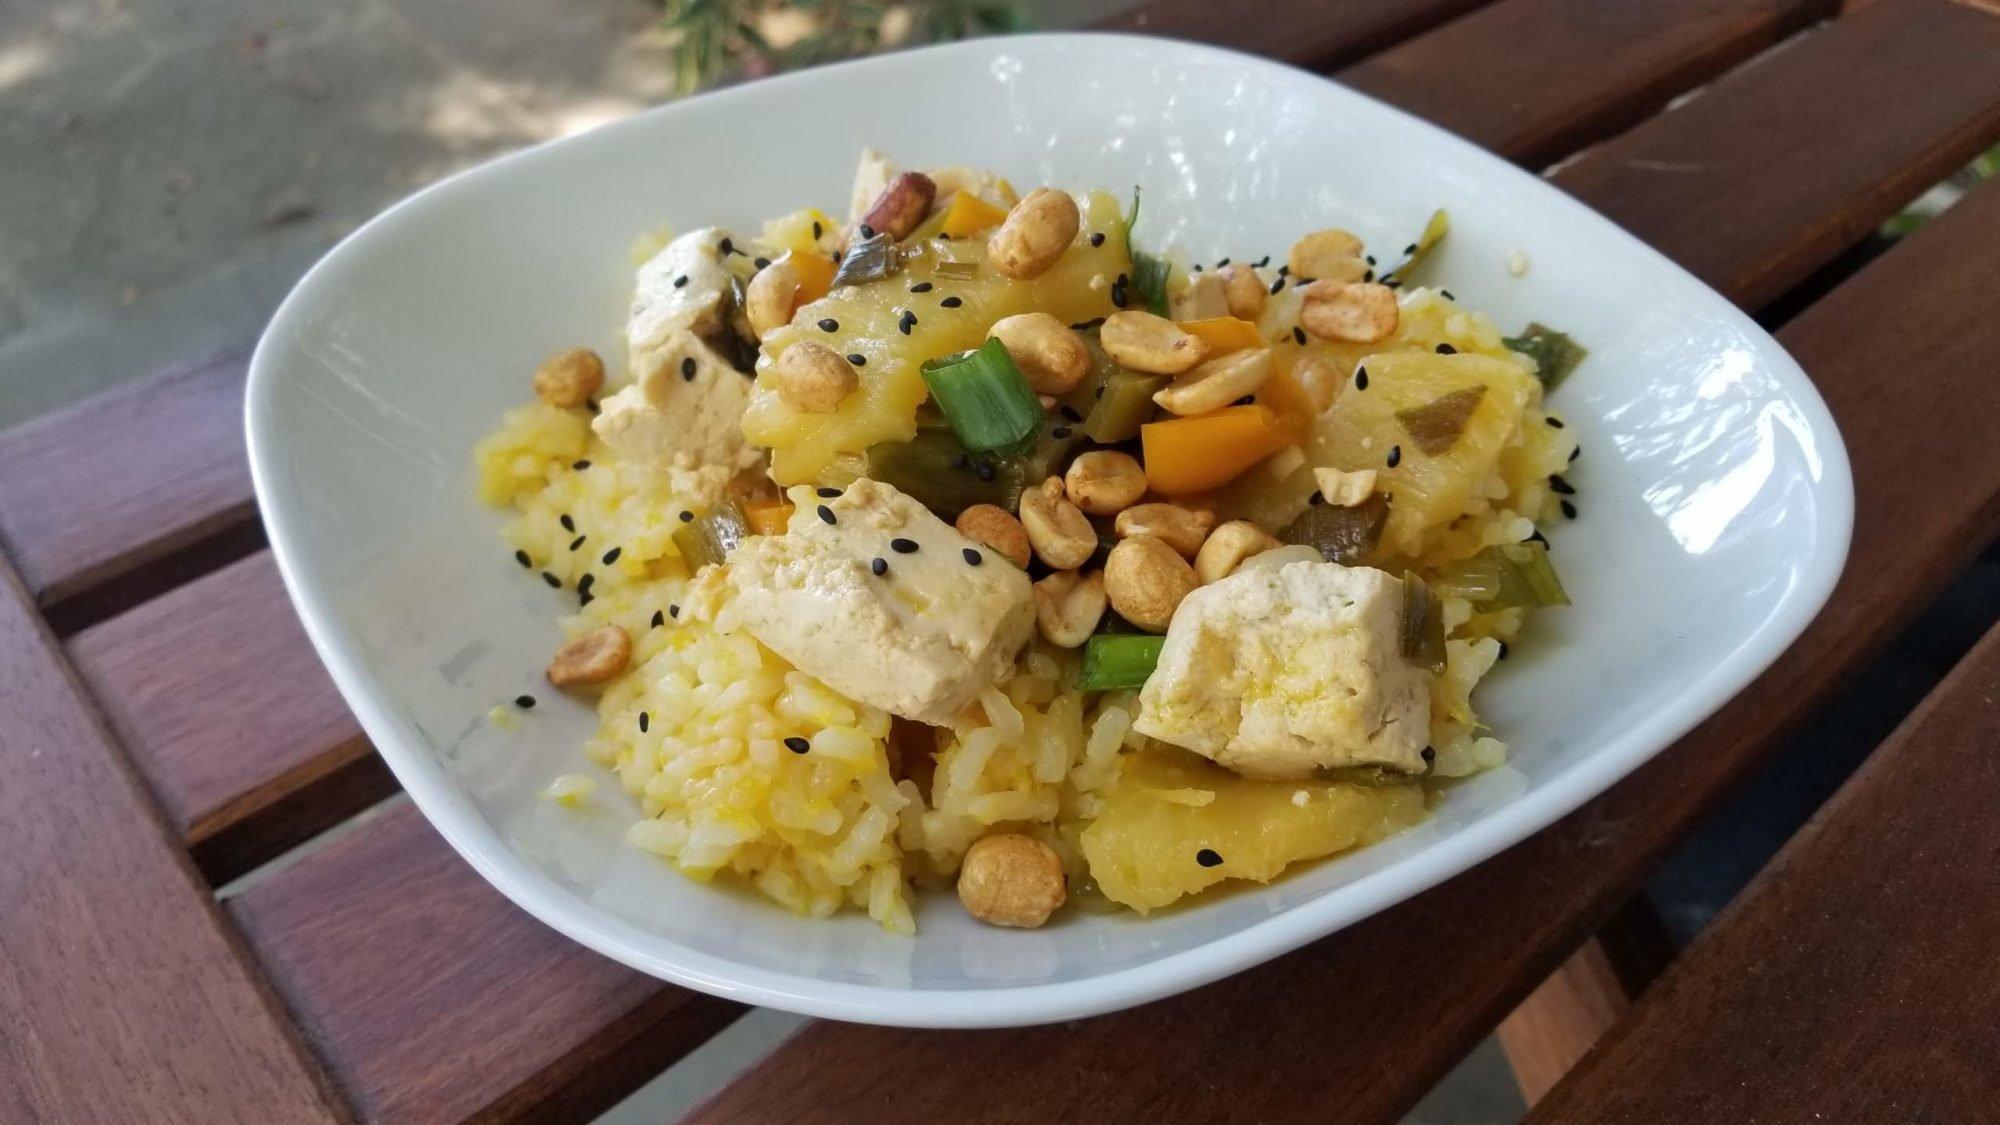 featured image for vegan orange rice